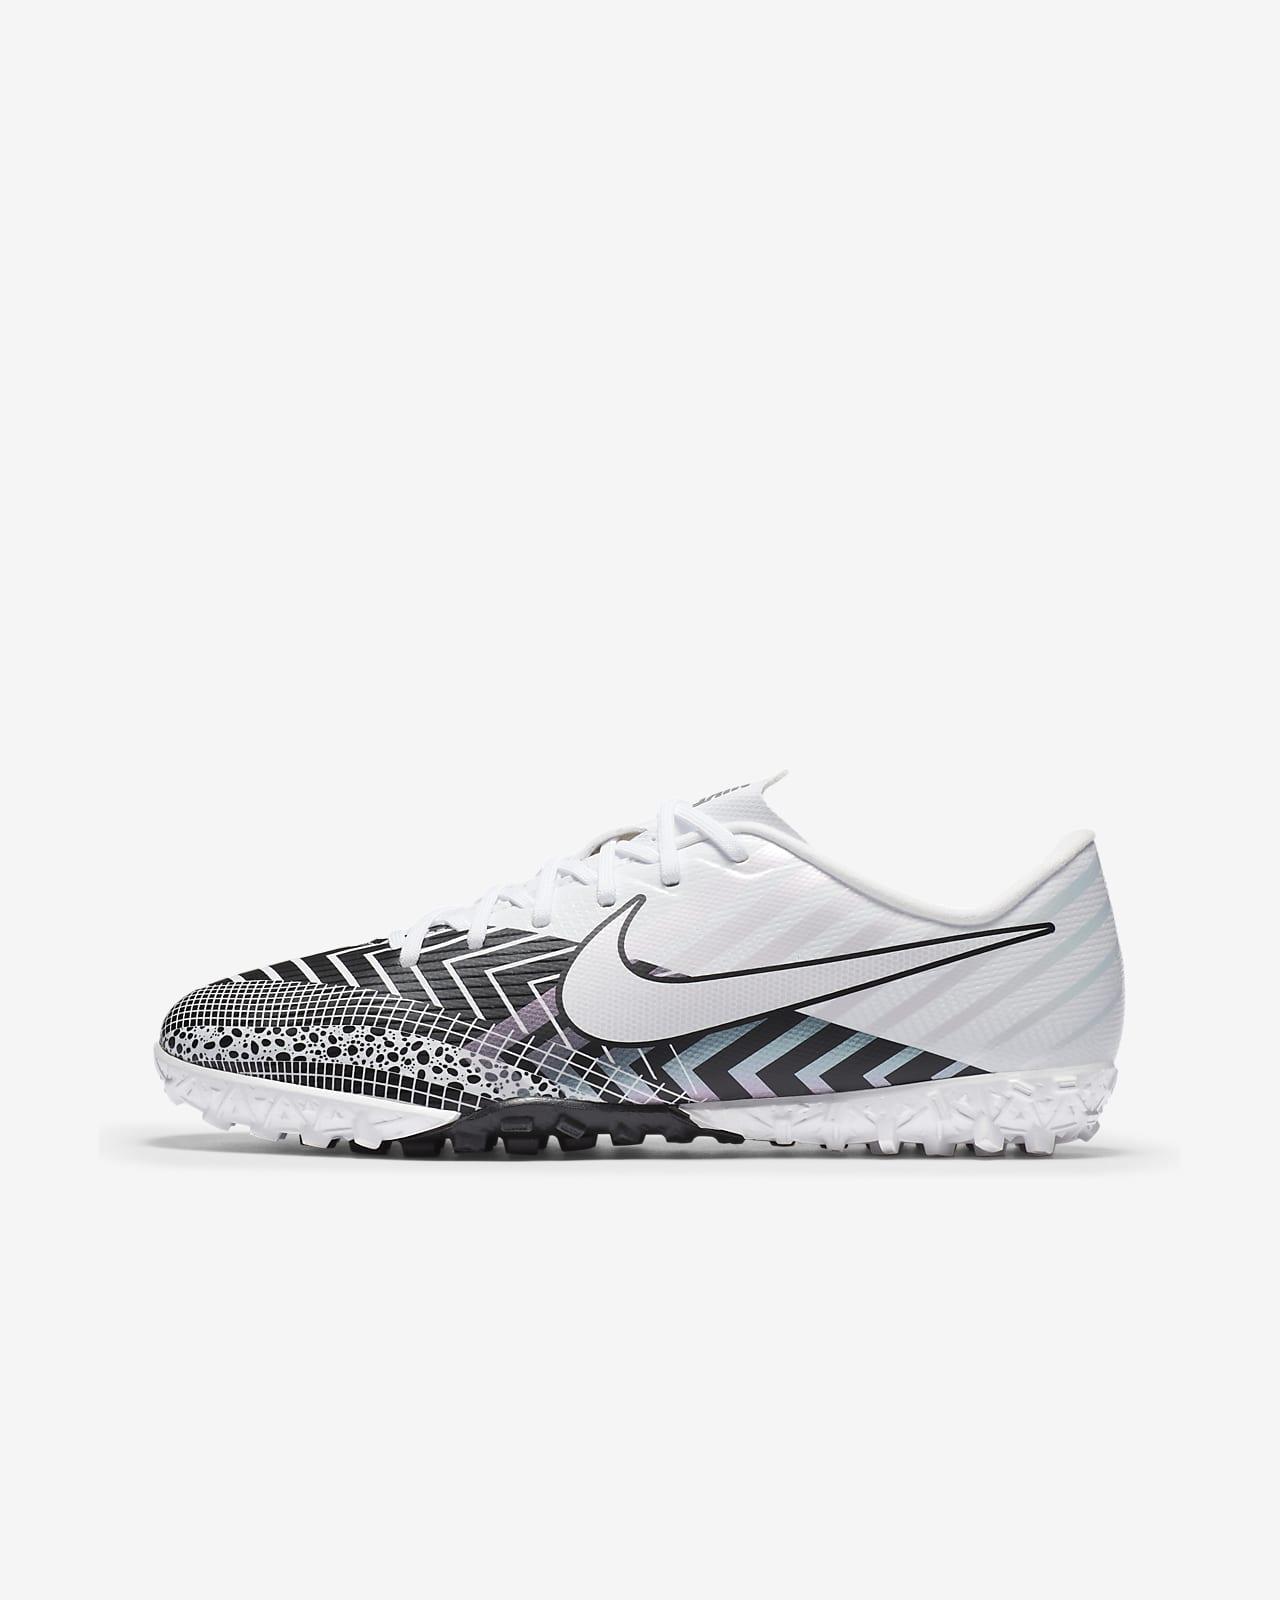 Fotbollssko för grusturf Nike Jr. Mercurial Vapor 13